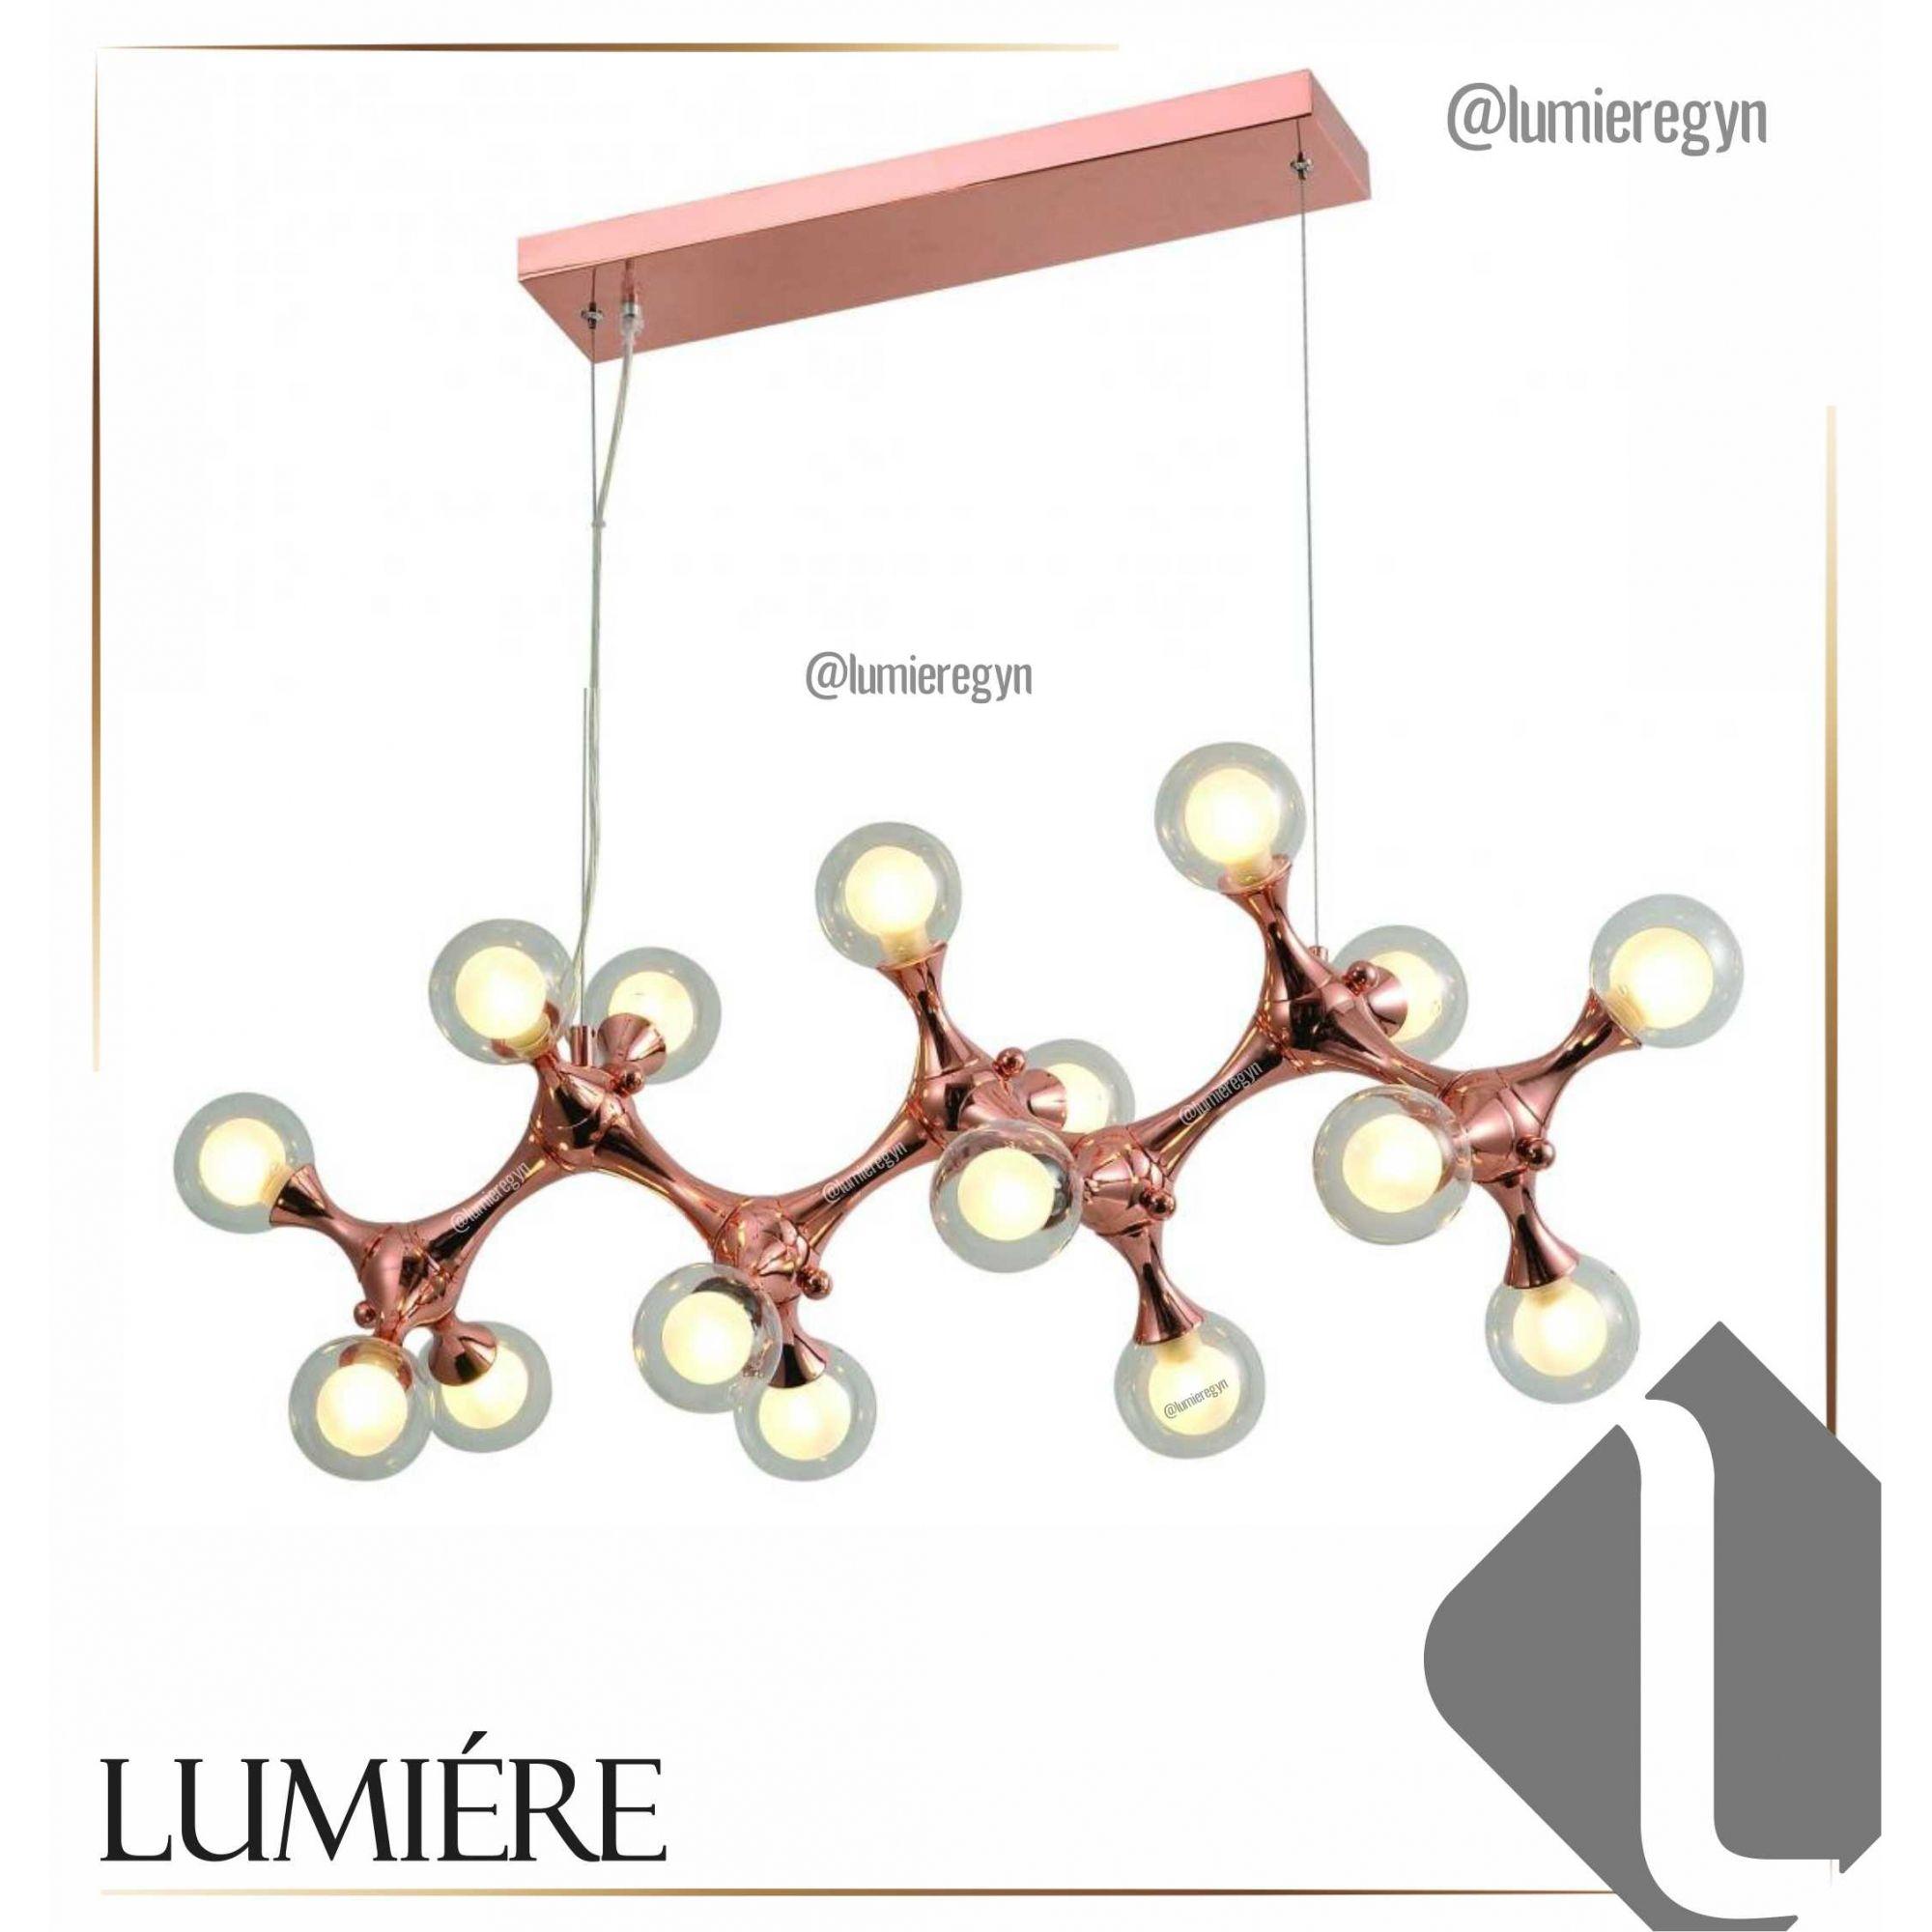 Pendente DNA Molecula / Átomo -  Globo Vidro 16xg9 -  Rose Gold  PD1298G